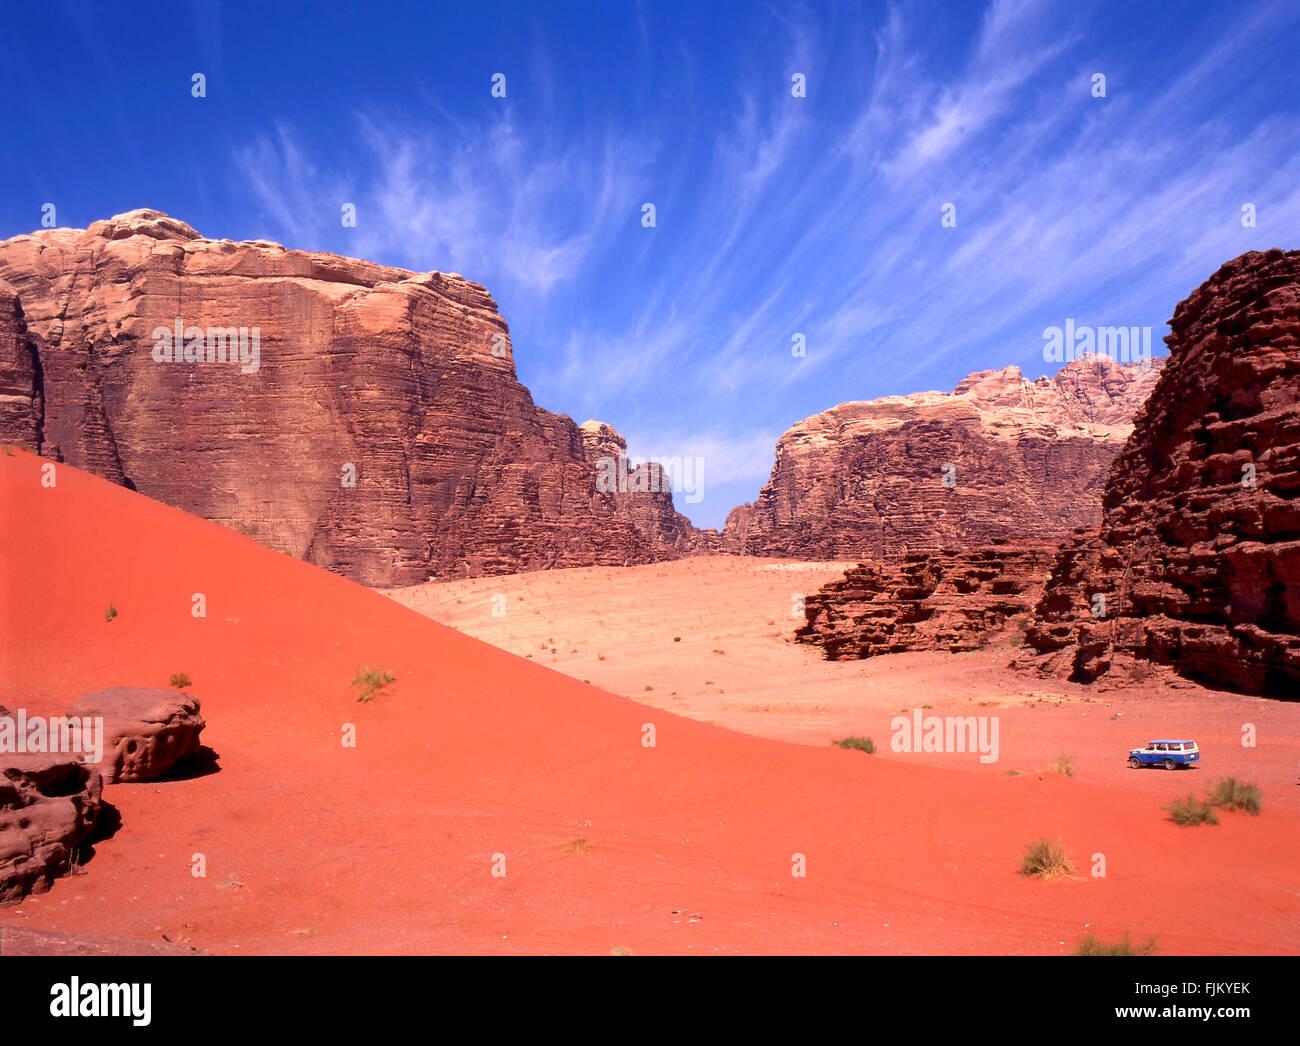 Explorar con tracción a las cuatro ruedas del desierto de Wadi Rum en Jordania Imagen De Stock